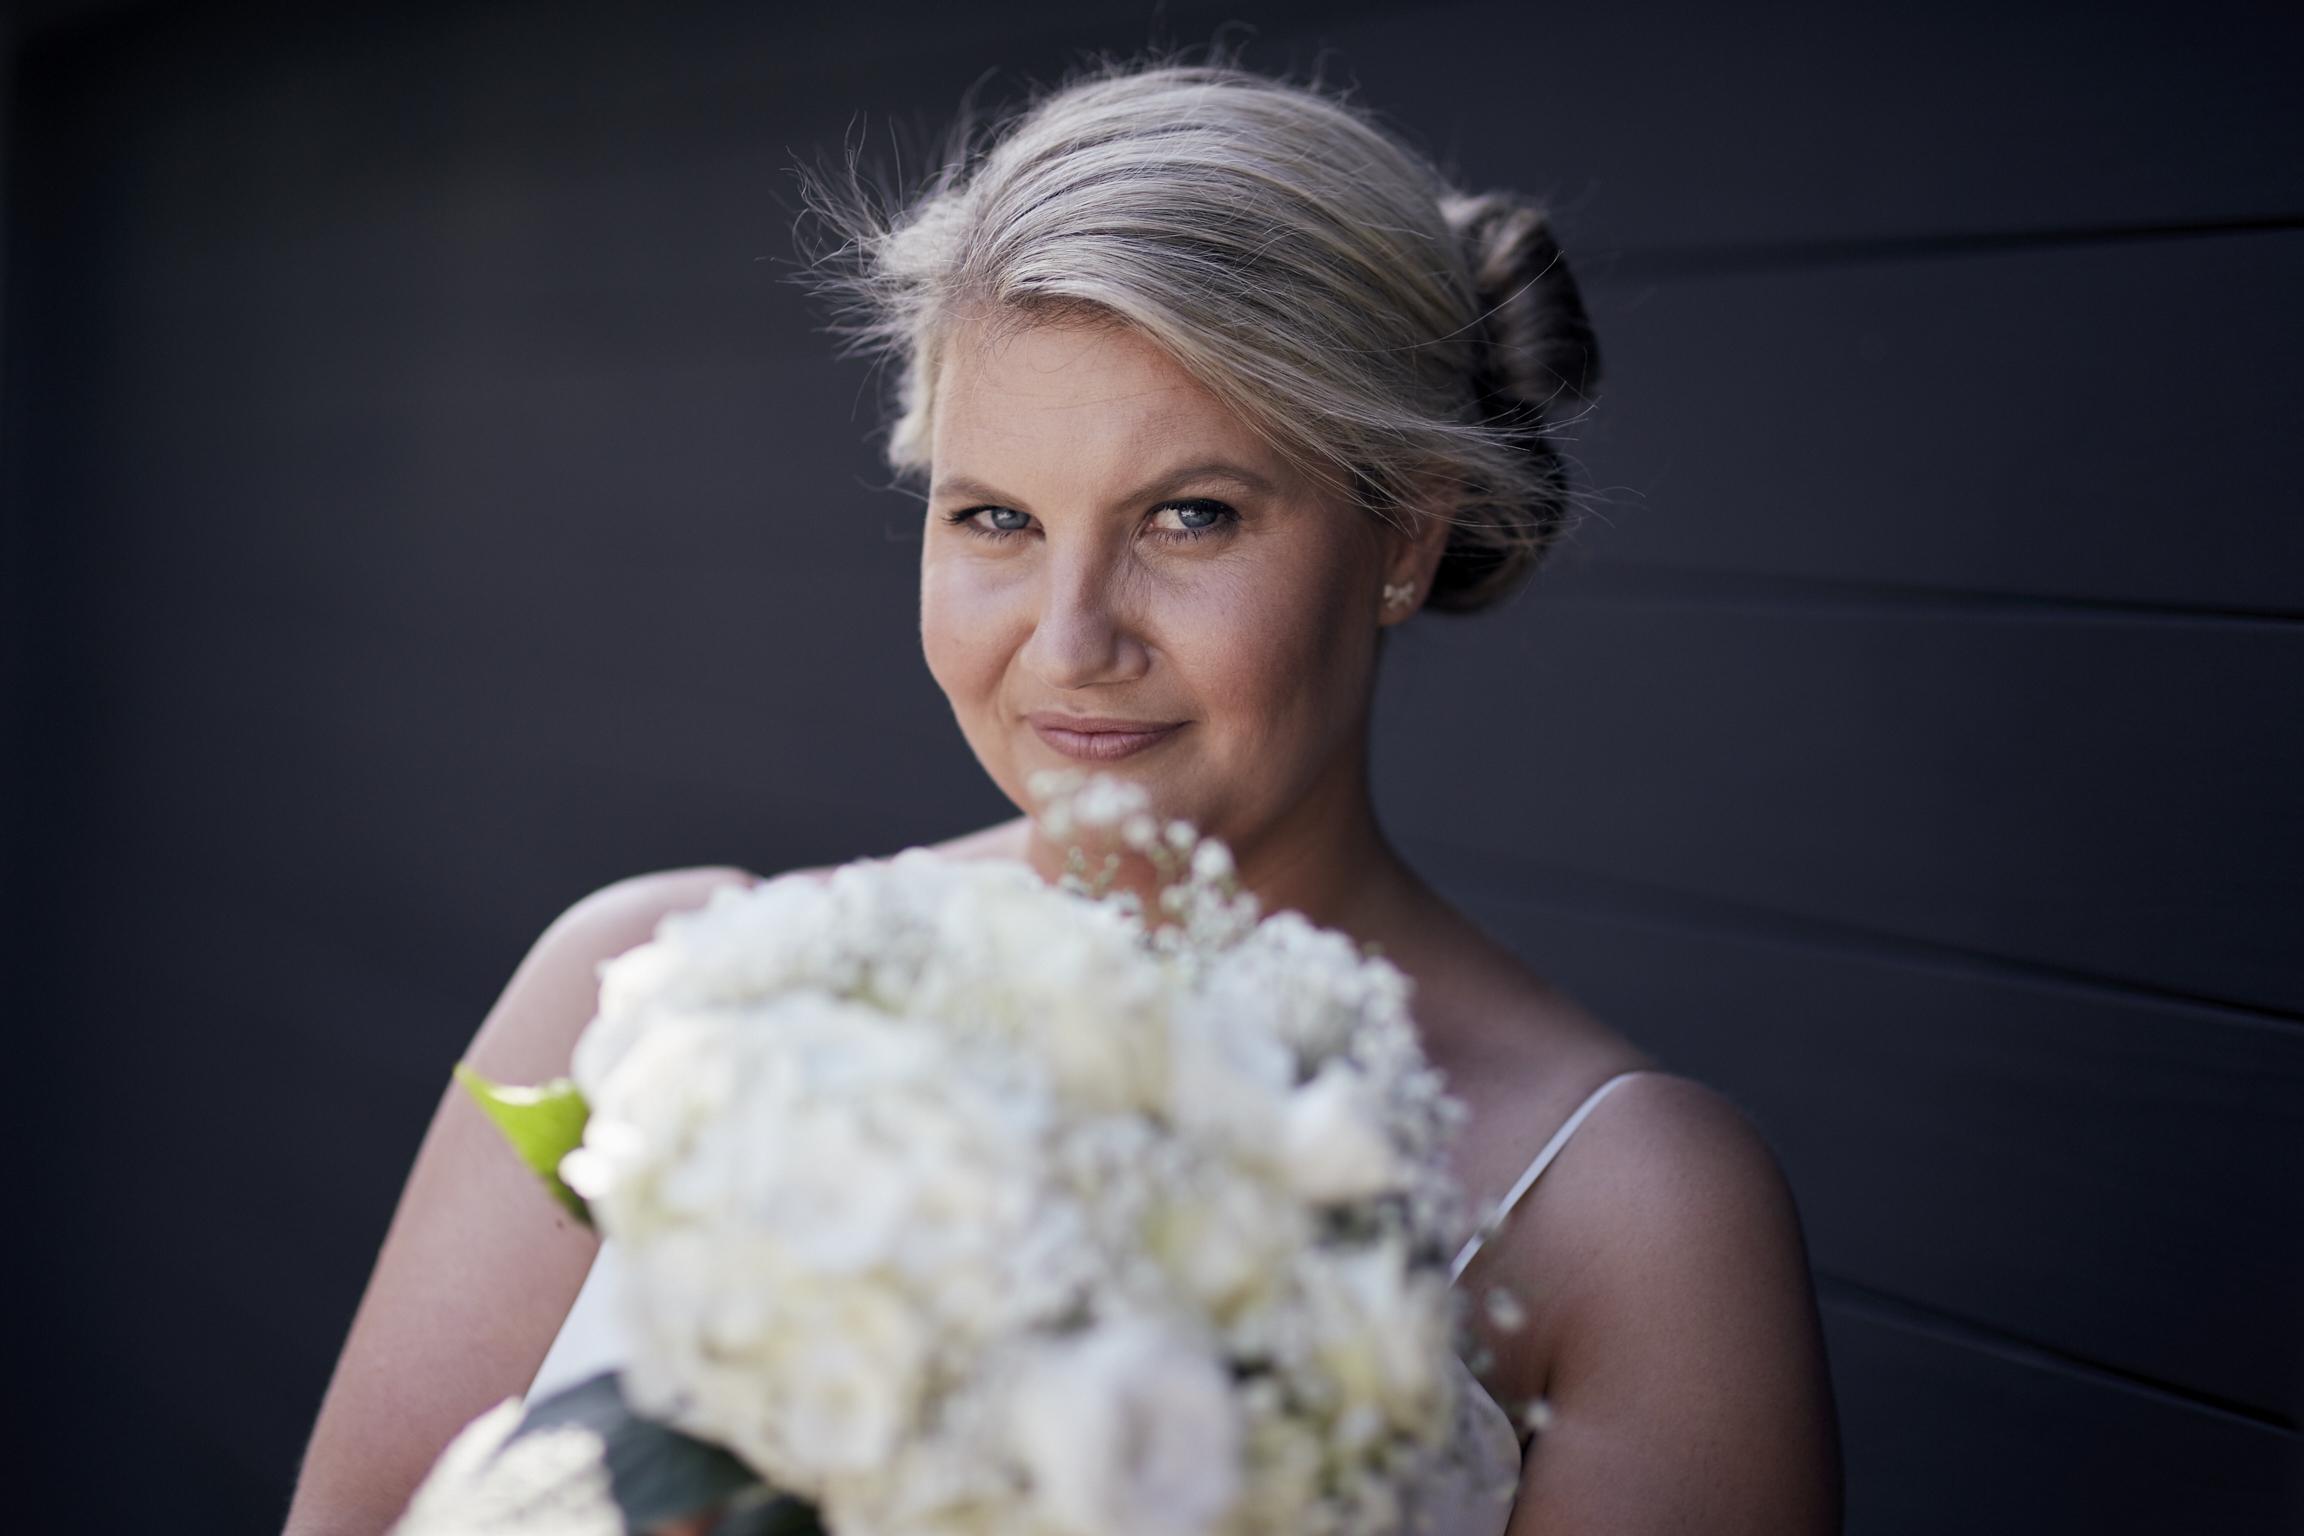 lovely bride posing